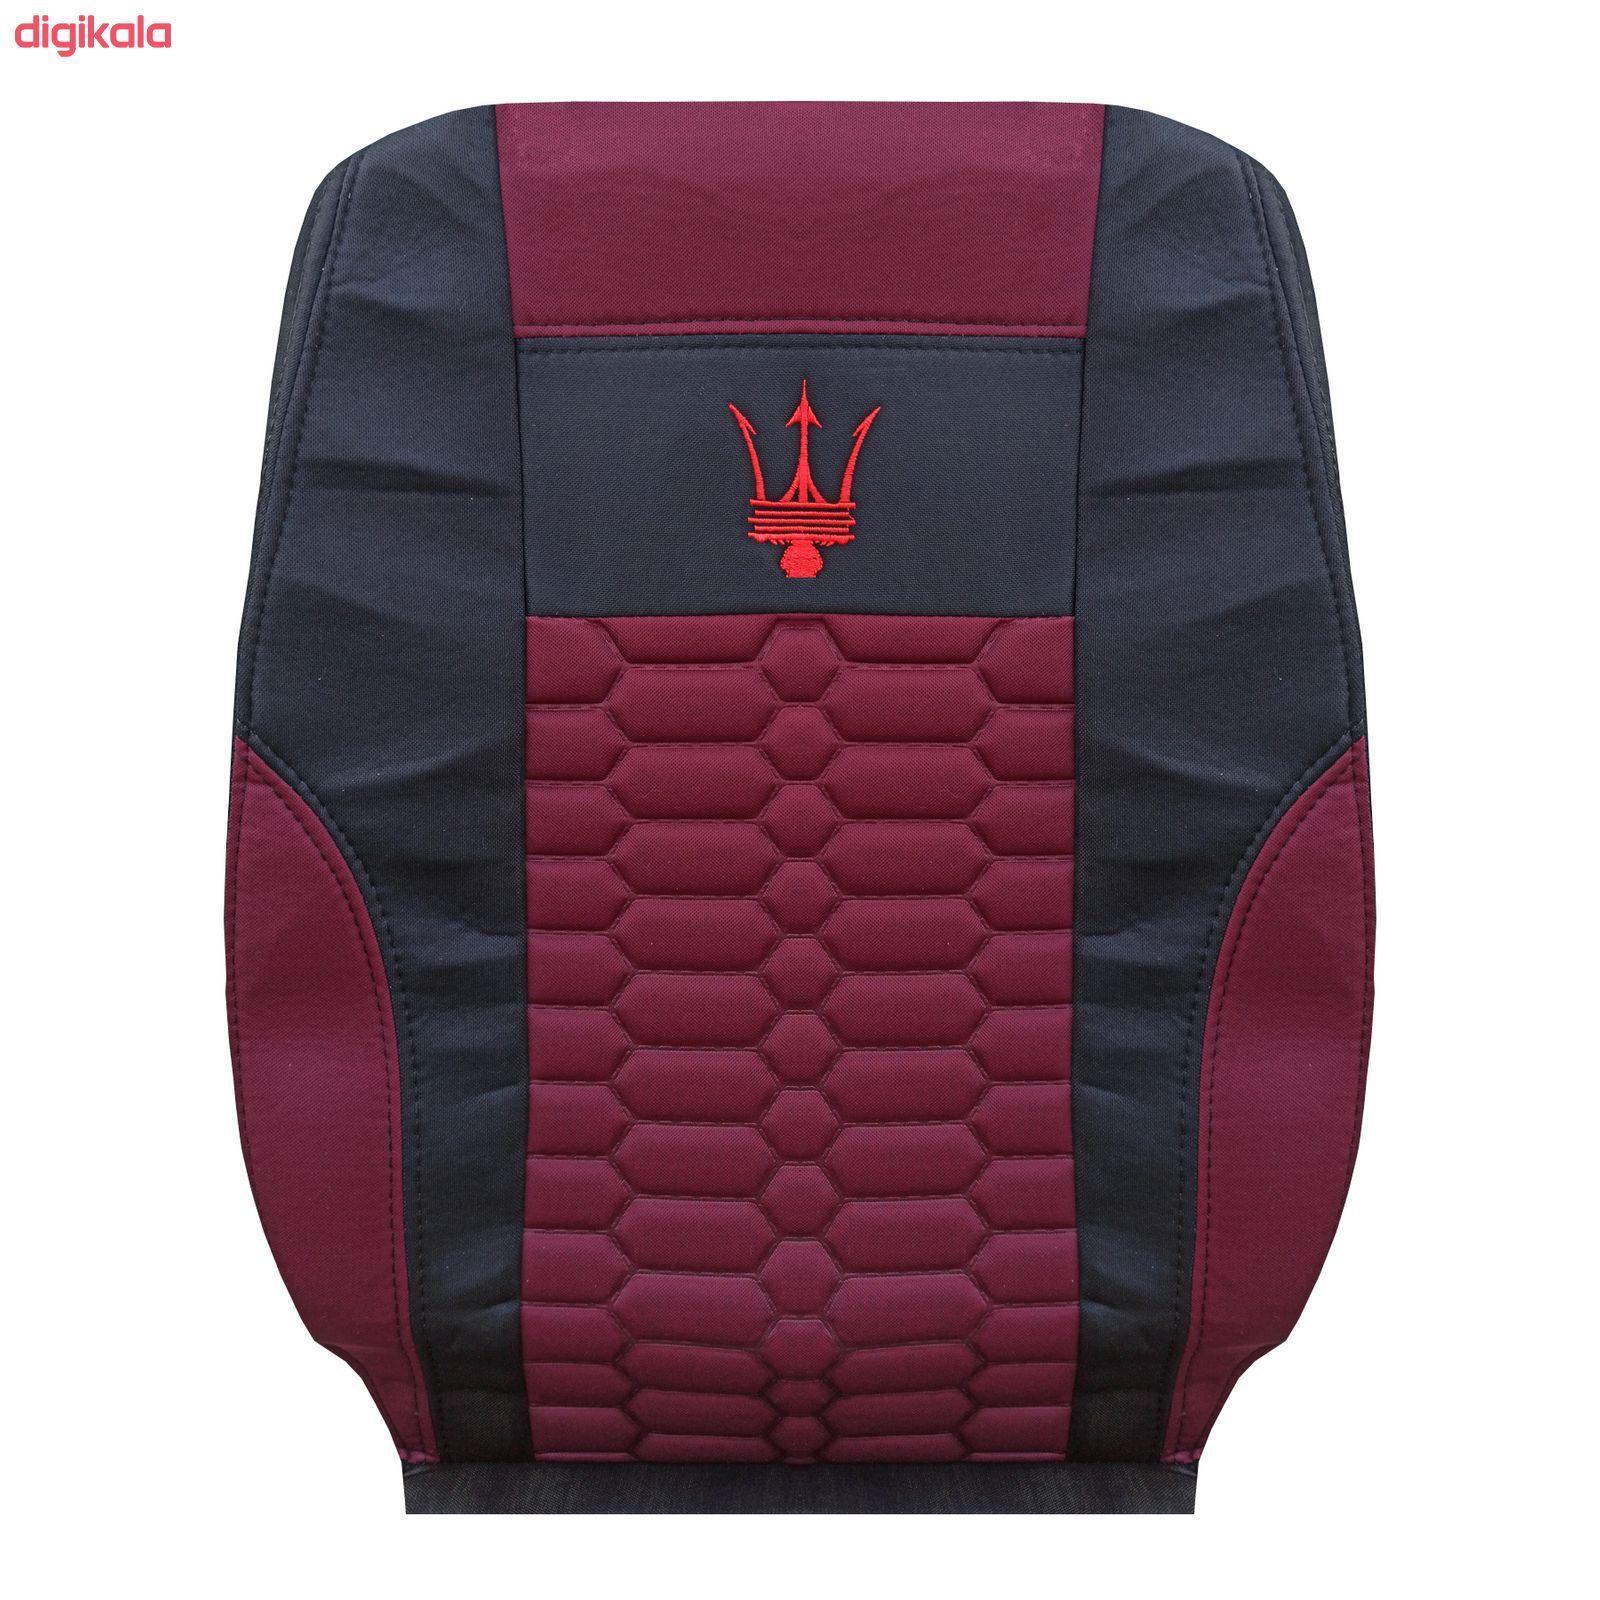 روکش صندلی خودرو مدل SAR003 مناسب برای پراید 131 main 1 3